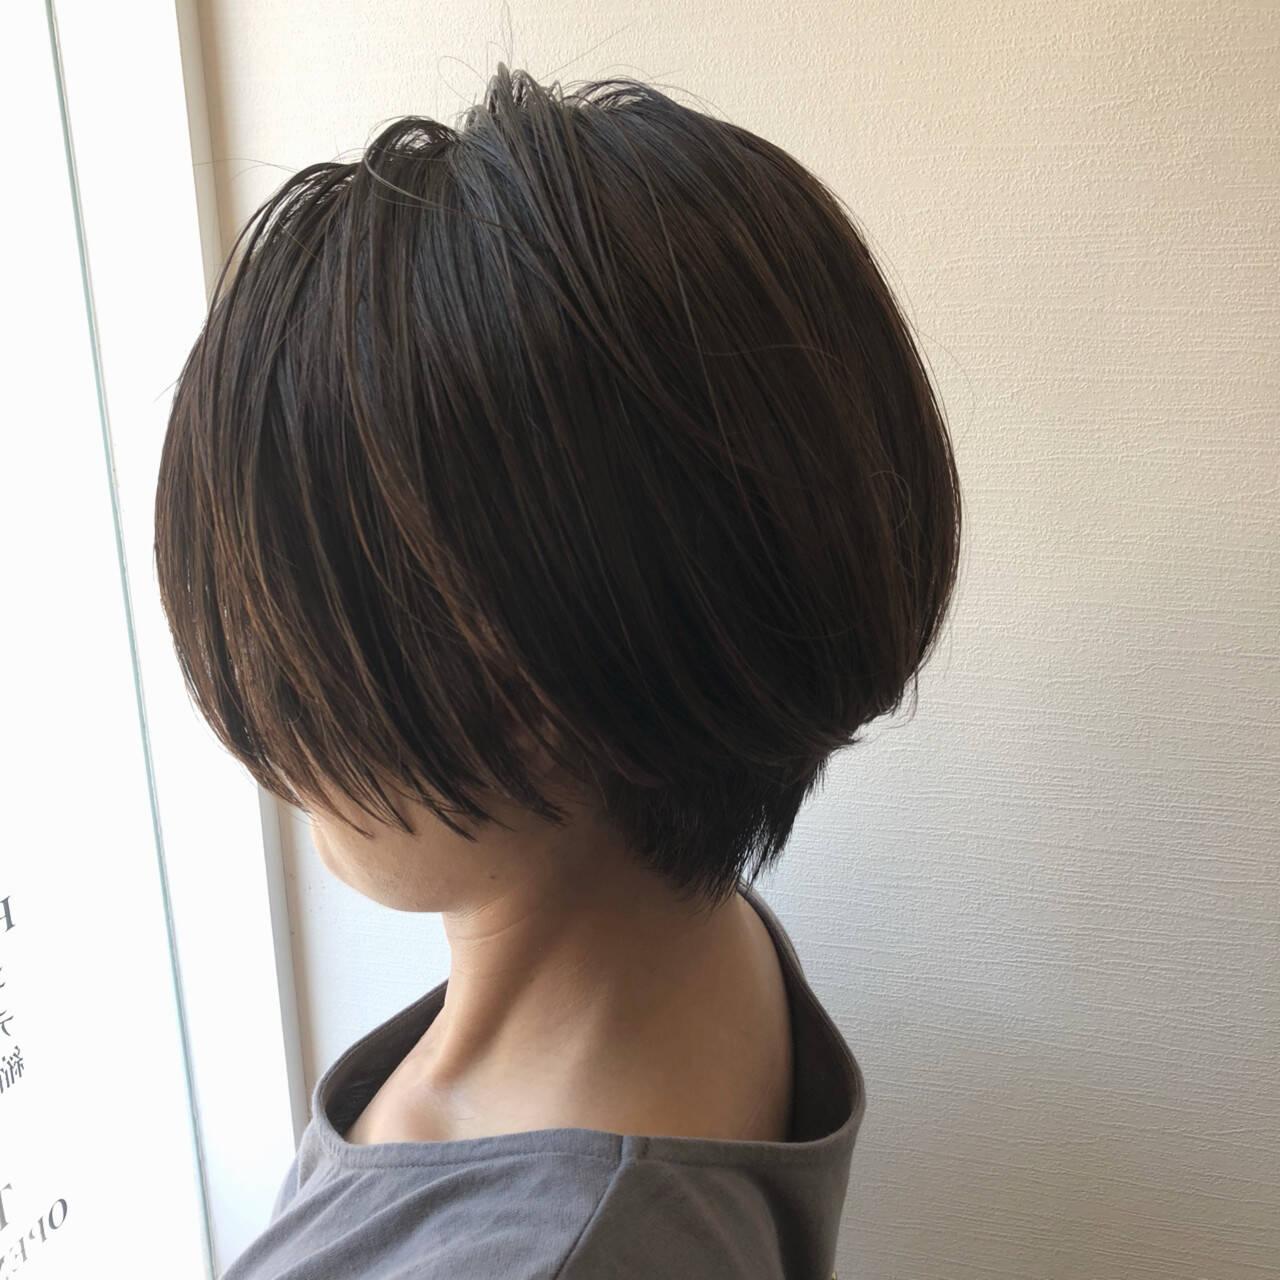 アディクシーカラー ハンサムショート 透明感 アッシュグレーヘアスタイルや髪型の写真・画像